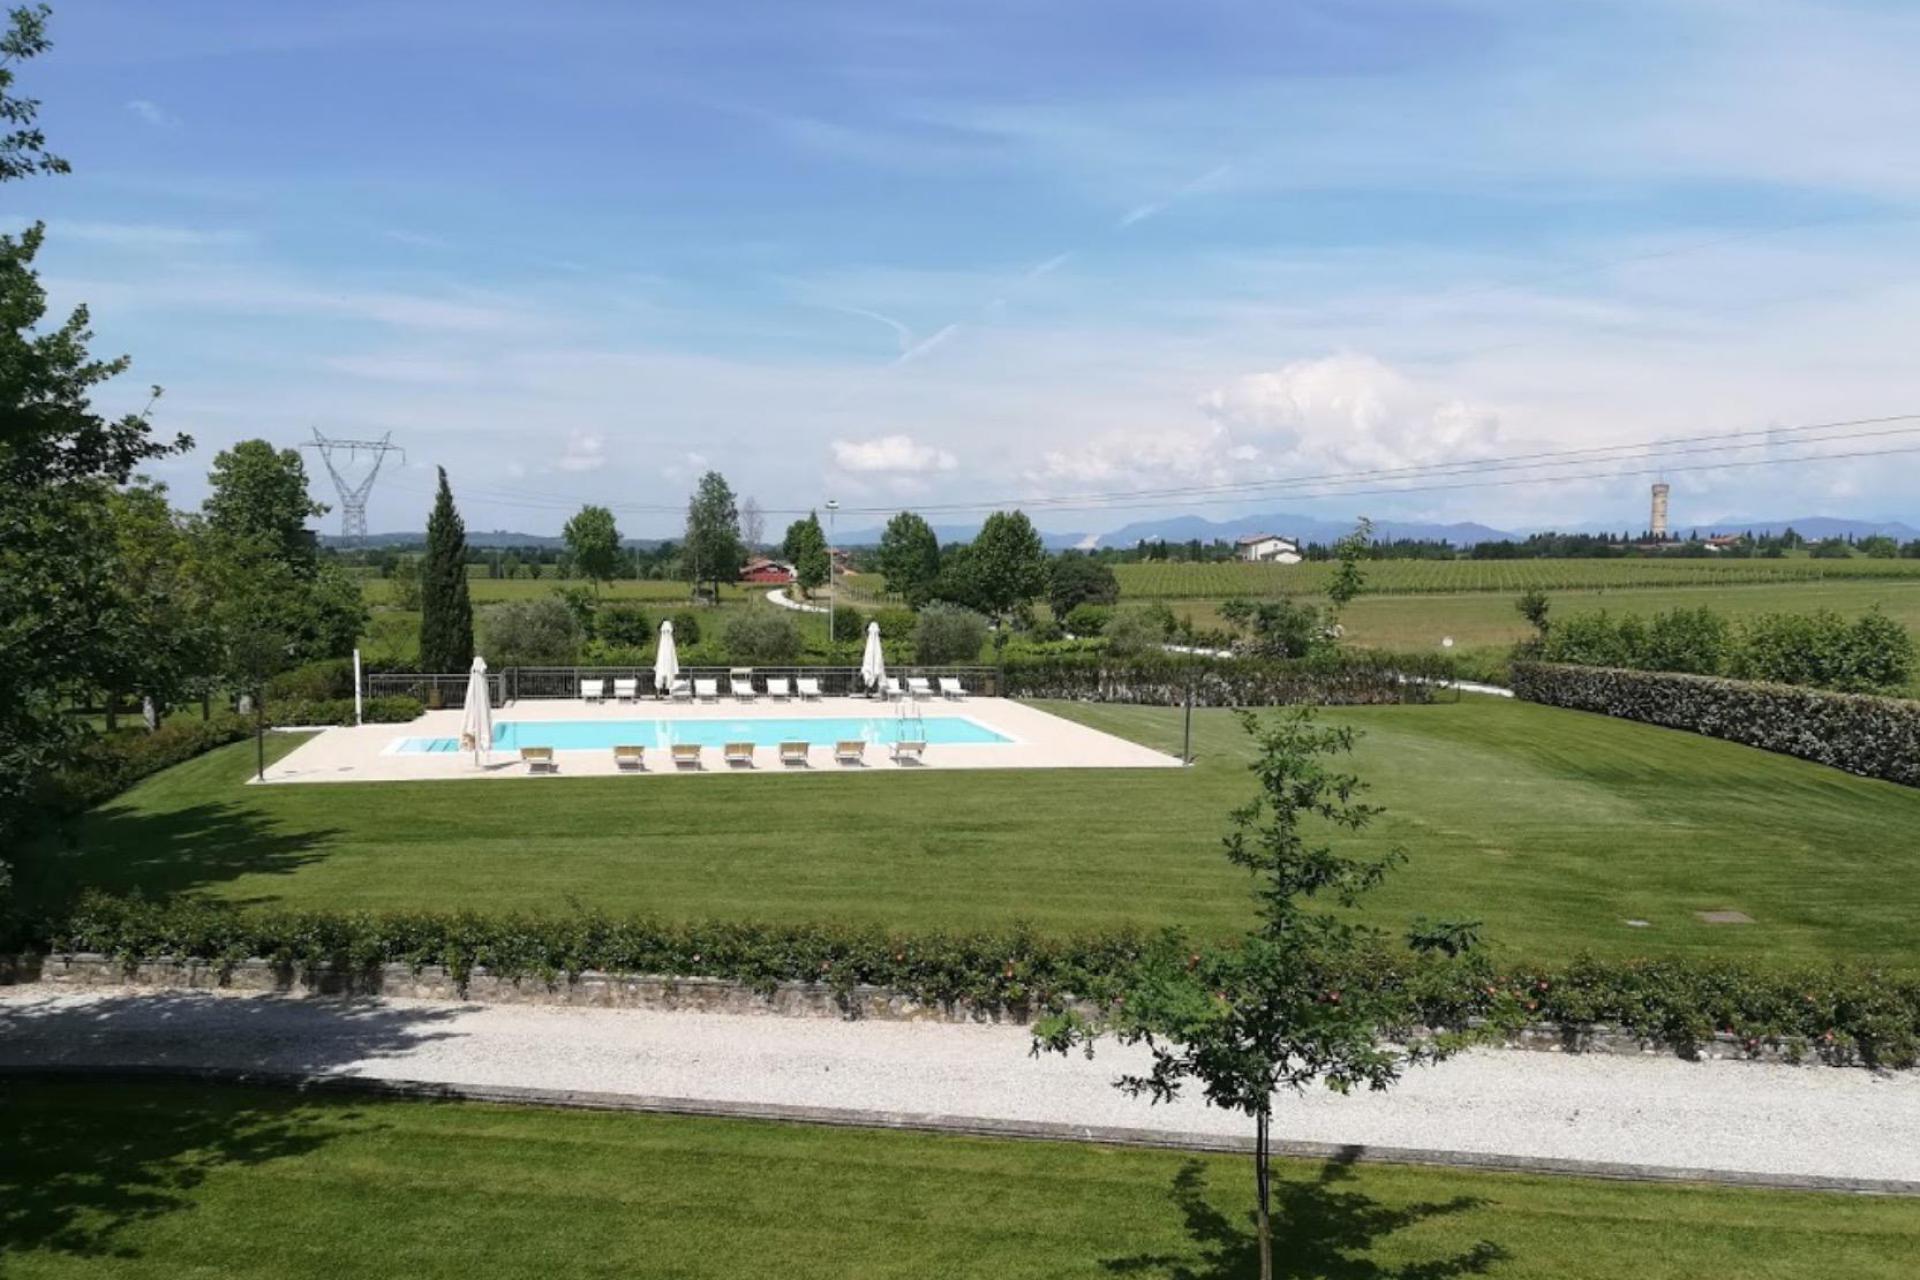 Agriturismo Comomeer en Gardameer Knusse agriturismo nabij golfbaan – Gardameer | myitaly.nl